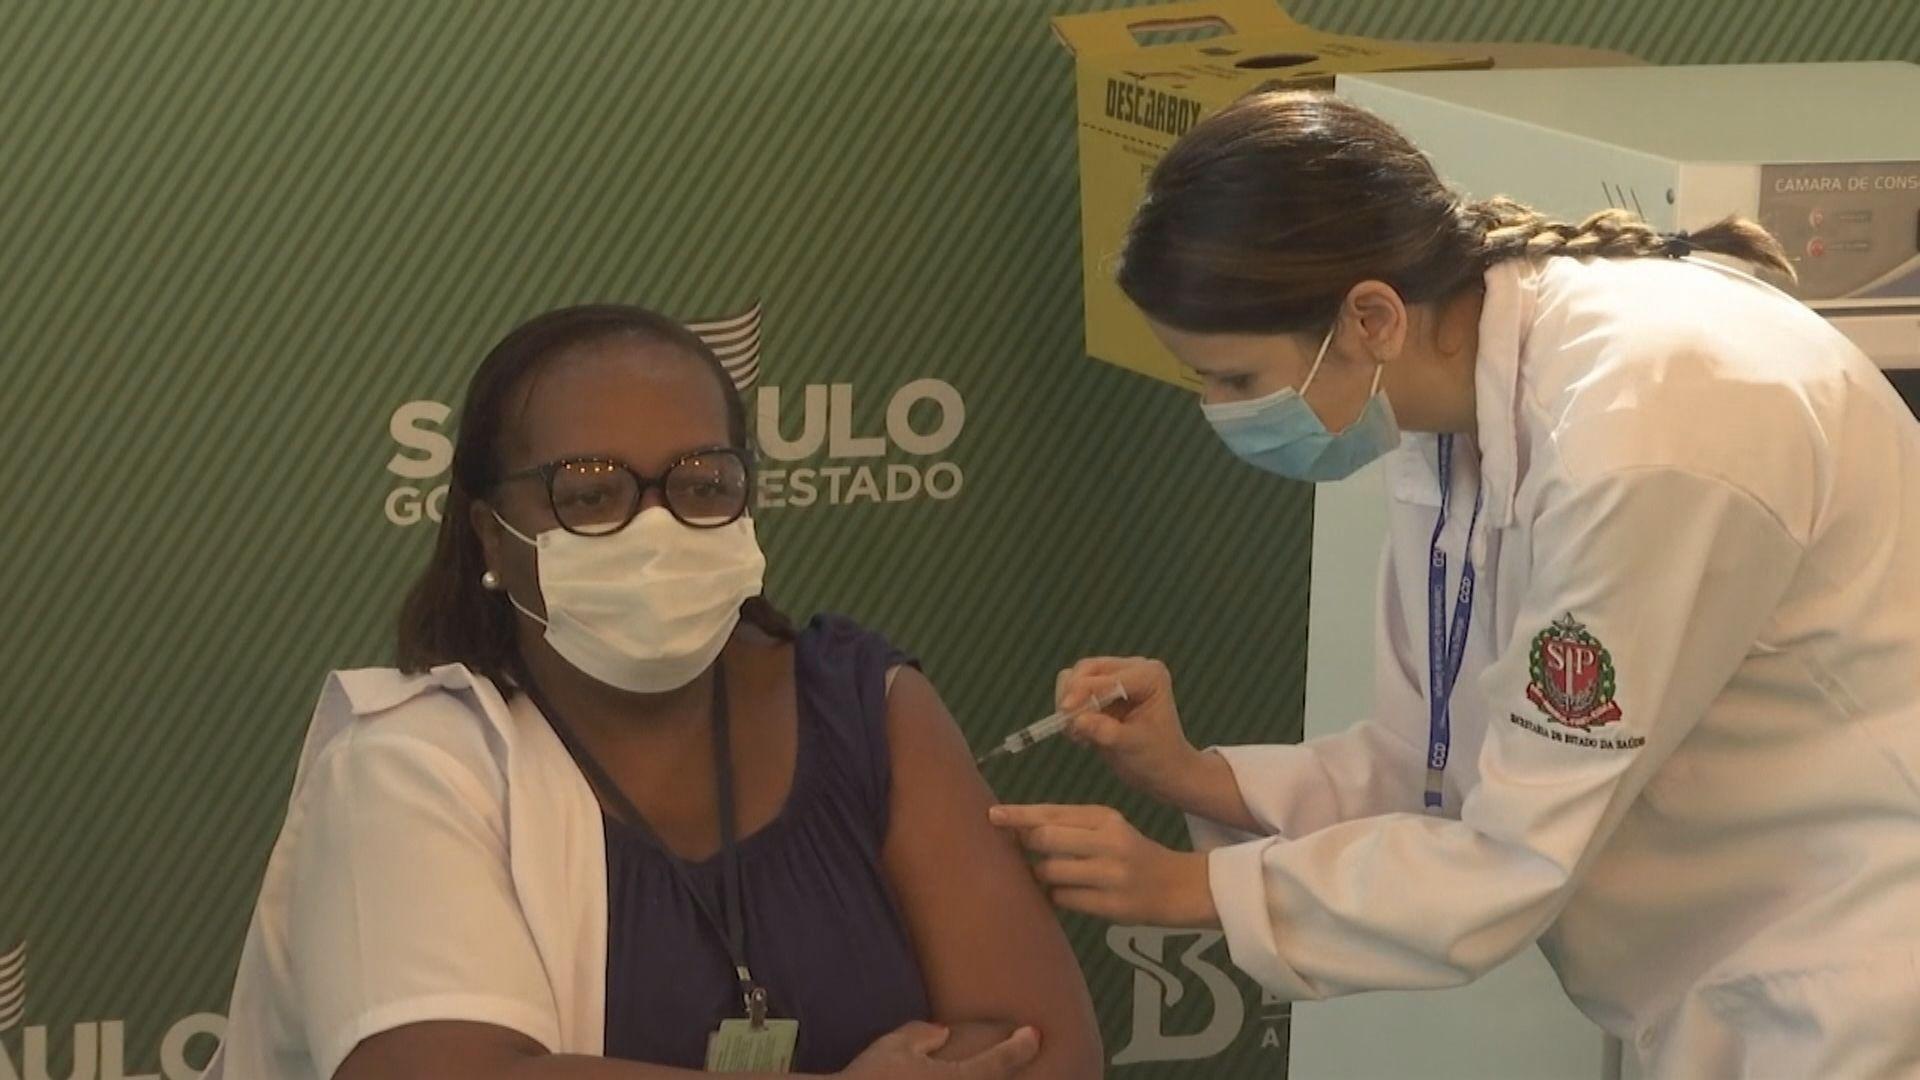 巴西批准緊急使用中國科興及阿斯利康疫苗